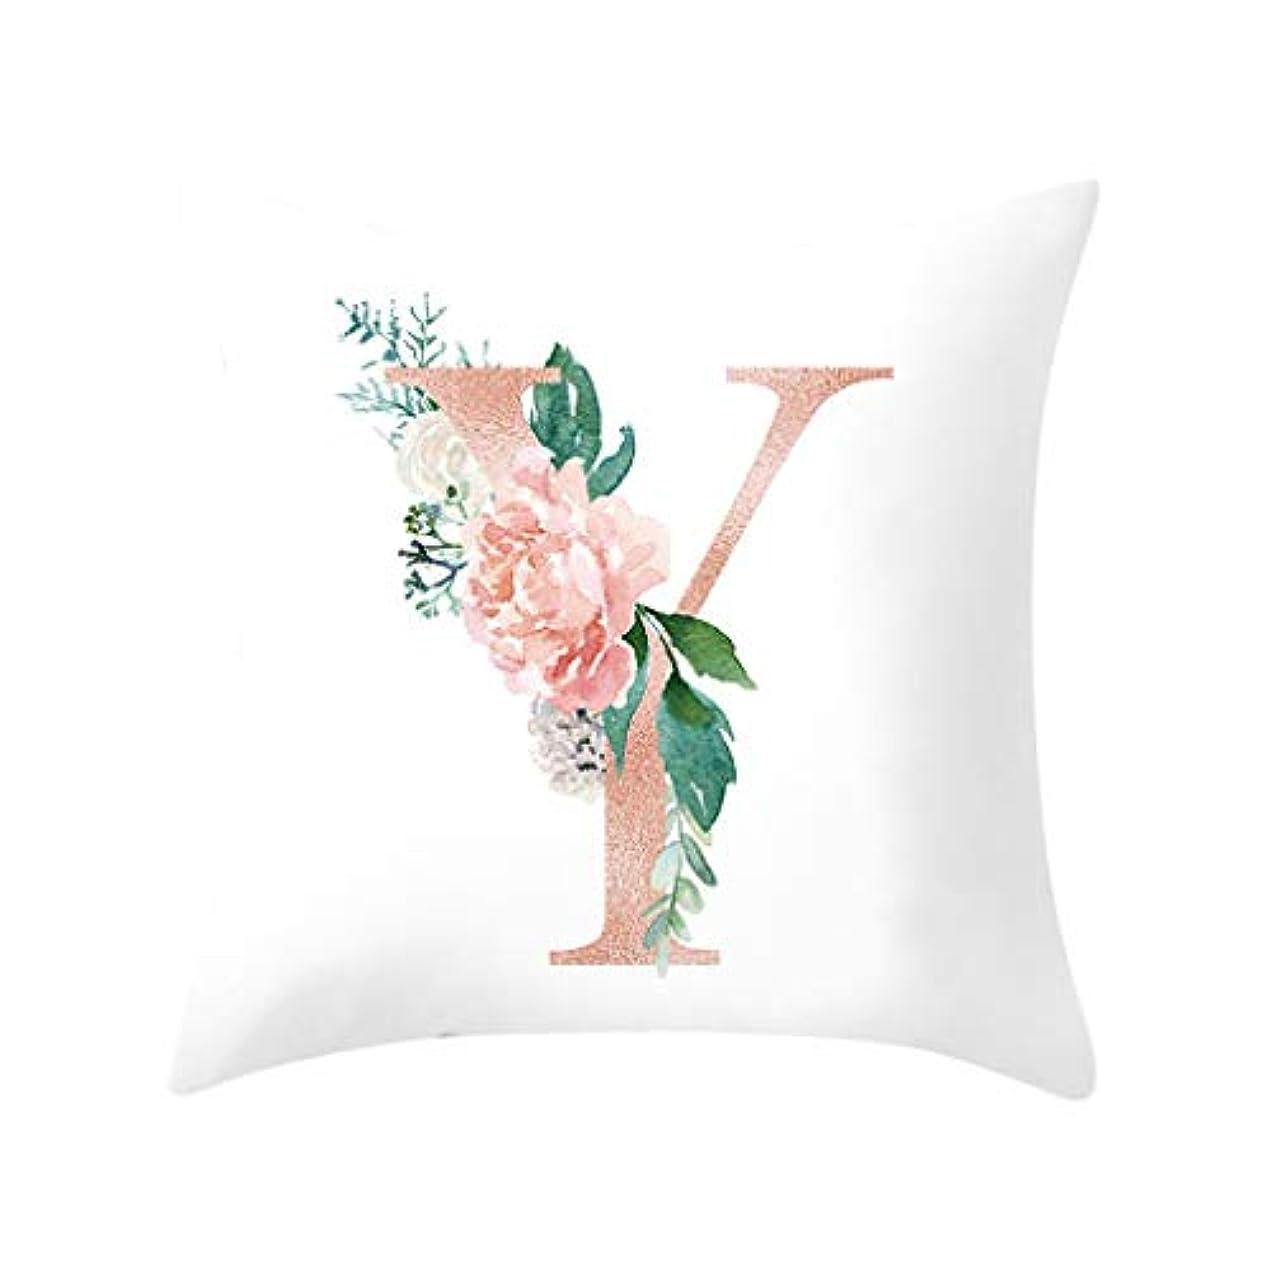 幸運なことにたくさん騙すLIFE 装飾クッションソファ手紙枕アルファベットクッション印刷ソファ家の装飾の花枕 coussin decoratif クッション 椅子